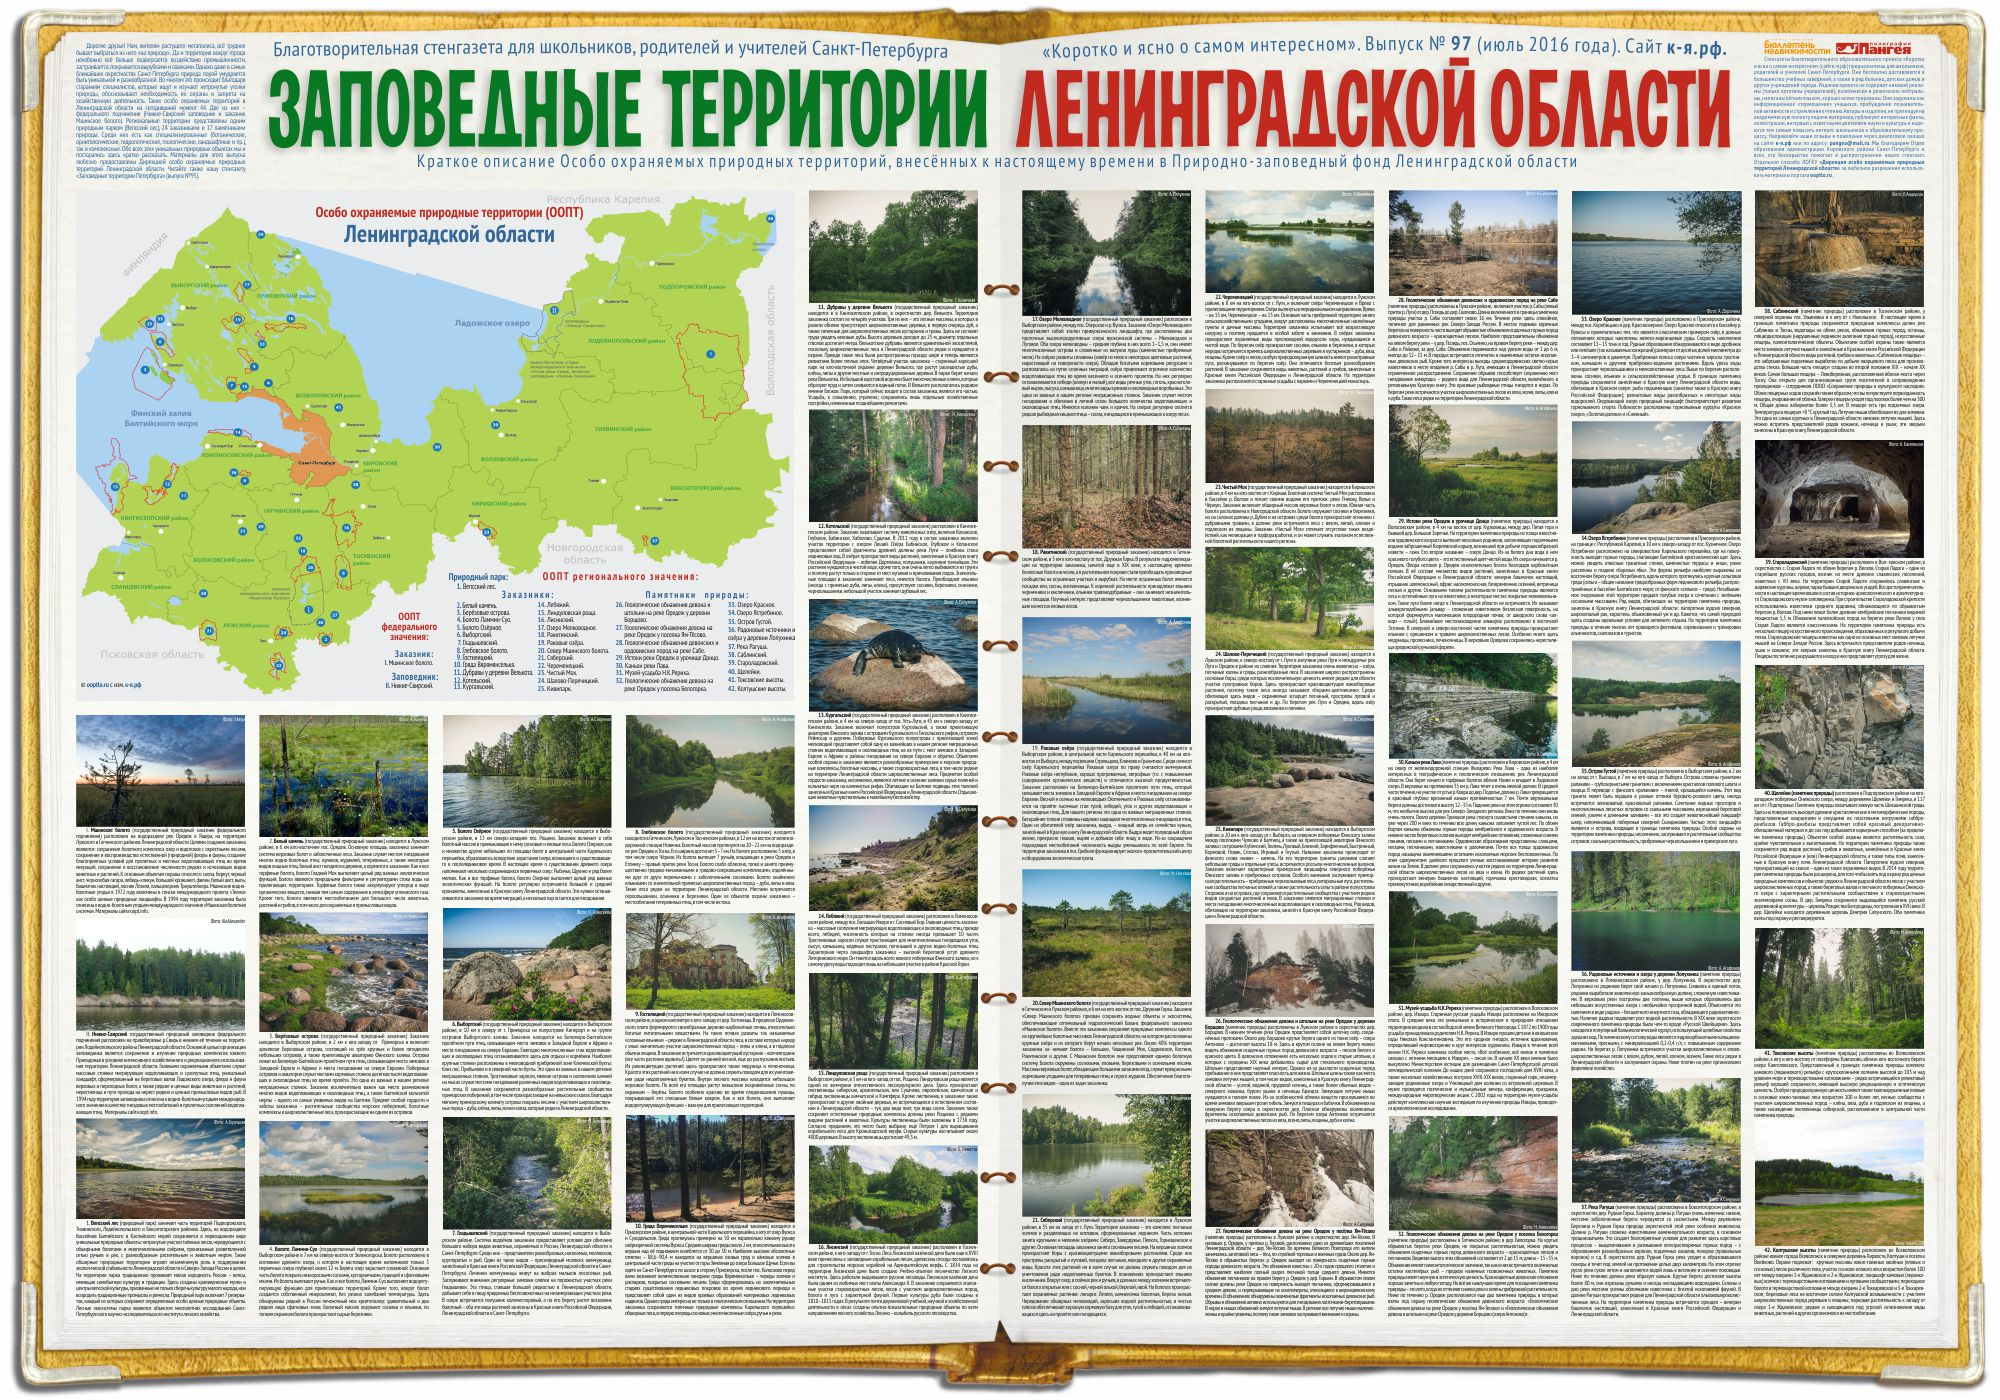 Заповедные территории Ленинградской области